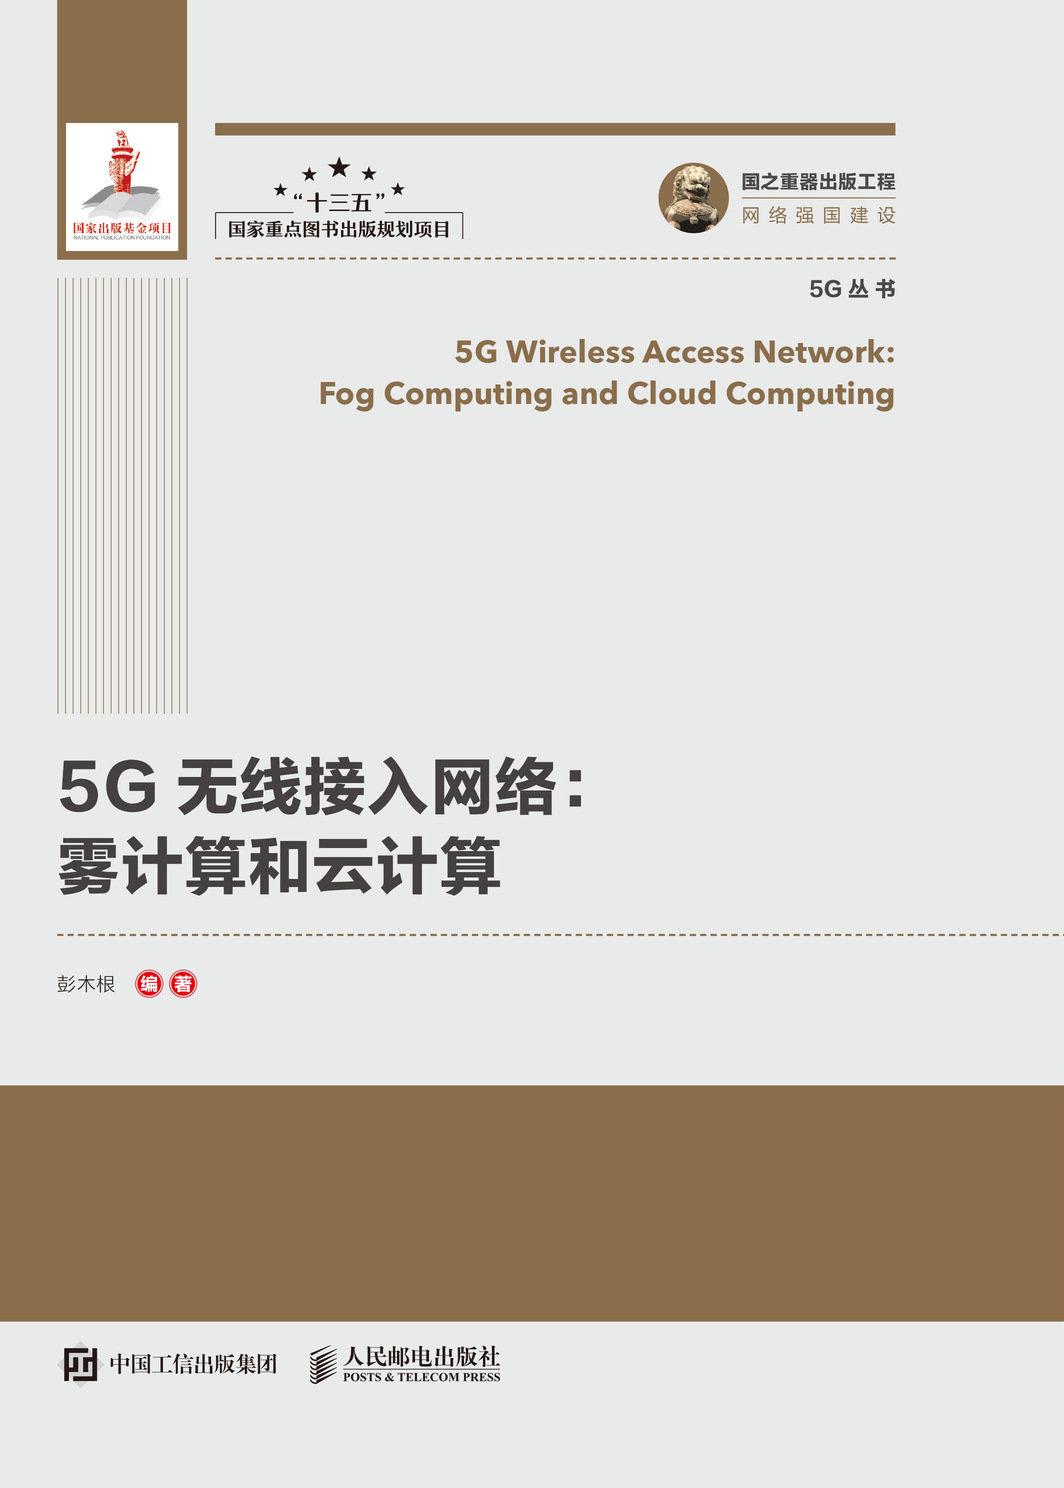 國之重器出版工程 5G無線接入網絡 霧計算和雲計算 精裝版-preview-1